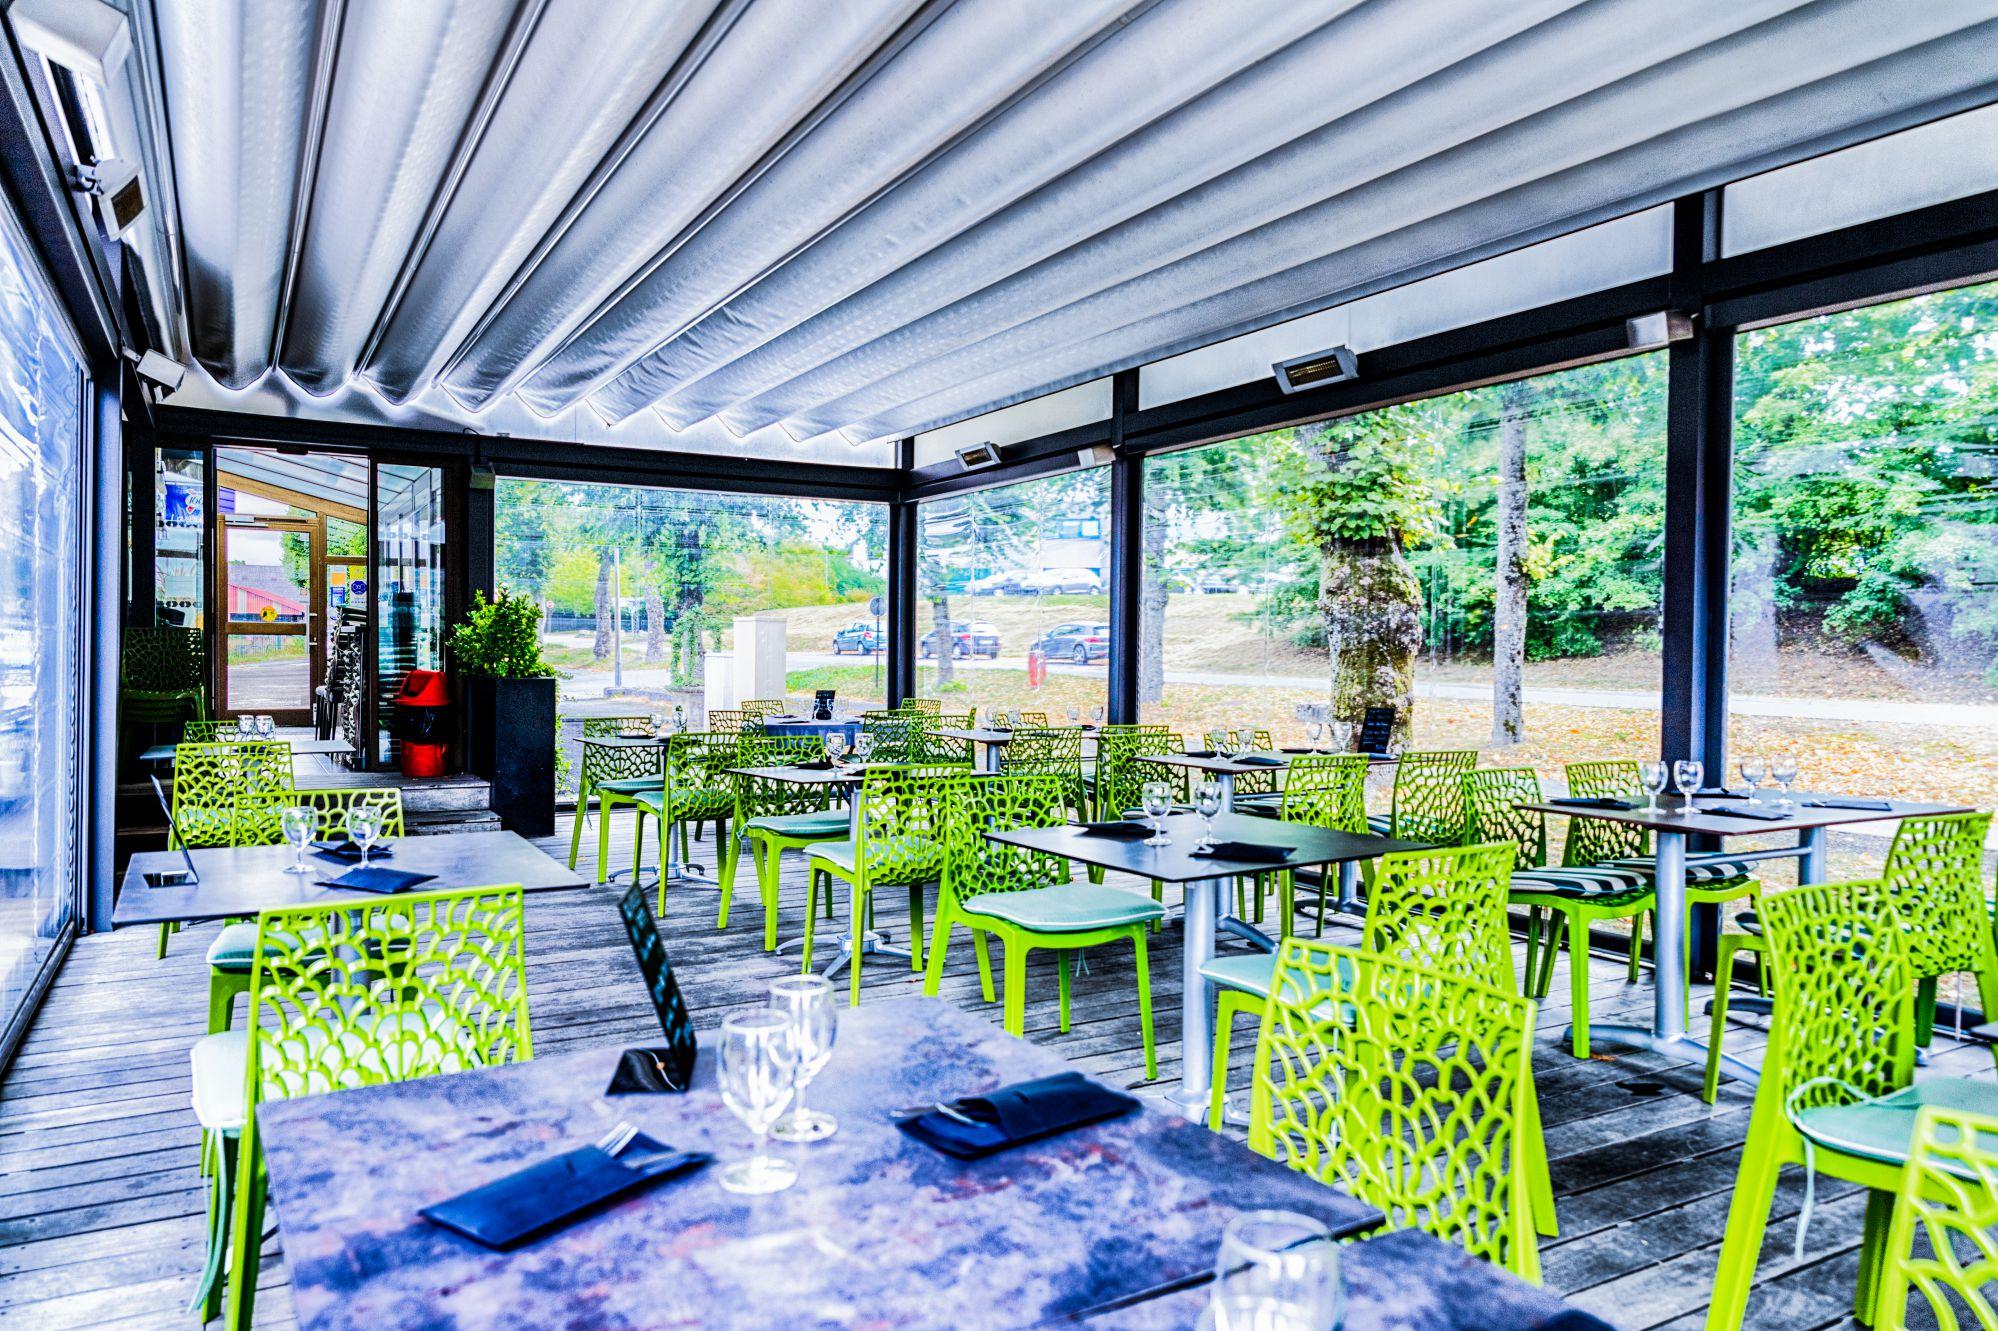 Le Restaurant – Restaurant La Piscine – Sarrebourg encequiconcerne Restaurant La Piscine Sarrebourg